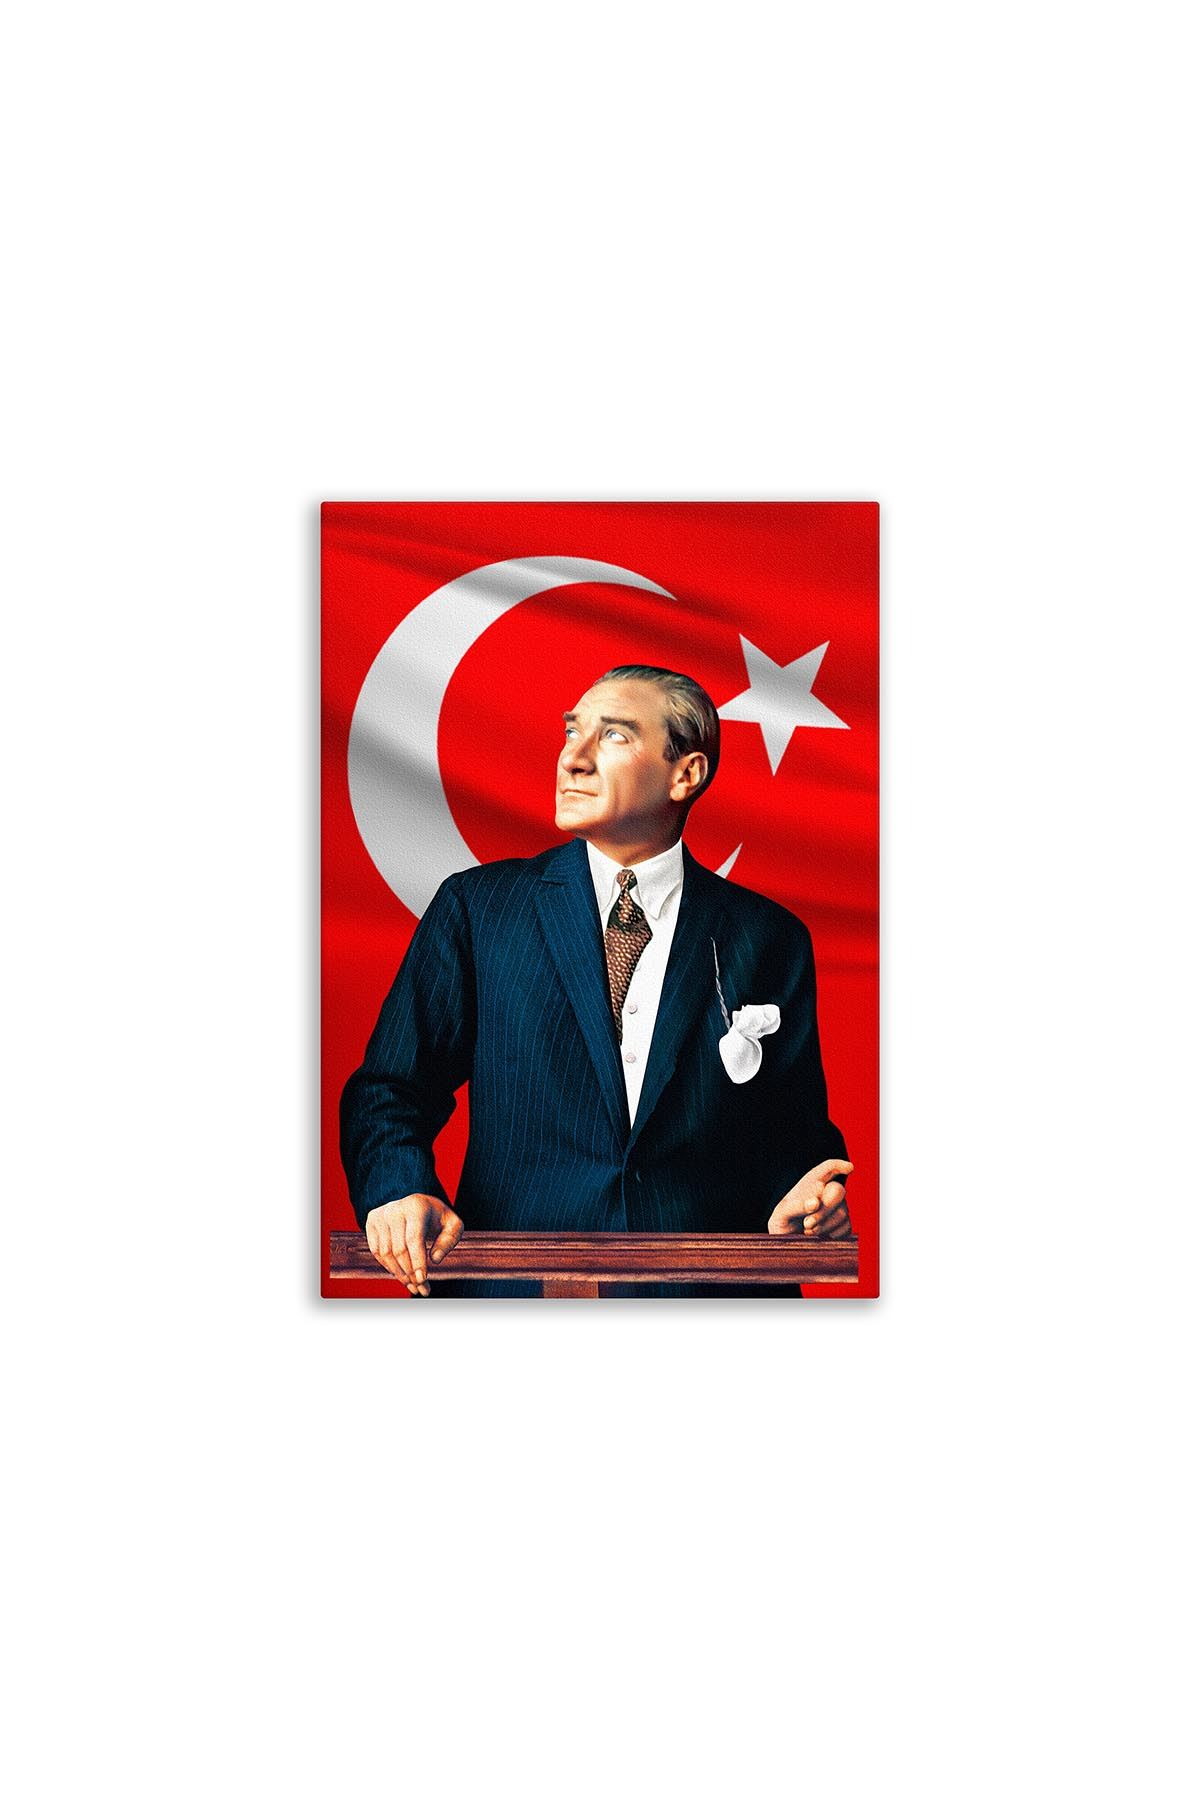 Ataturk Portrait Canvas Board | Printed Canvas Board | Customized Canvas Board